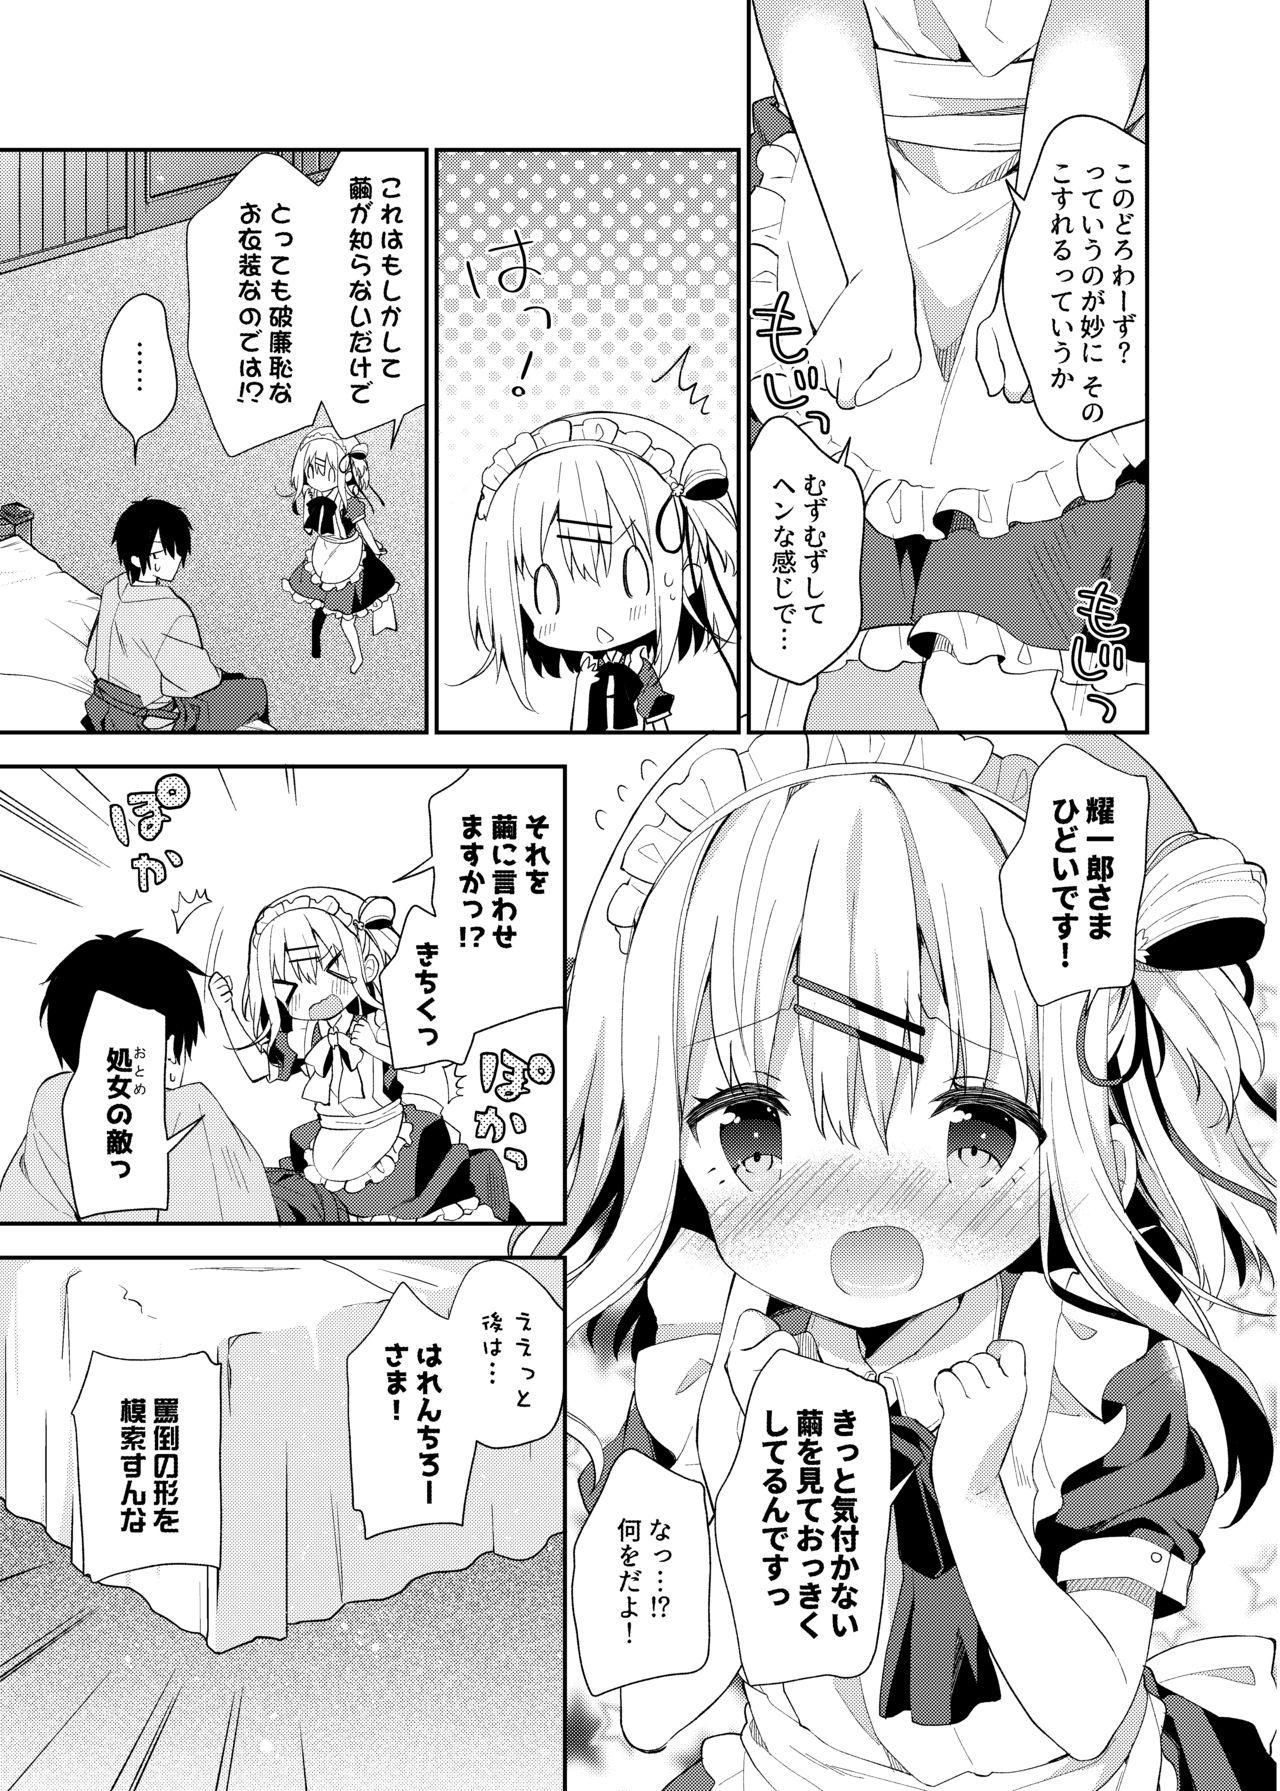 Onnanoko no Mayu Soushuuhen 01 46